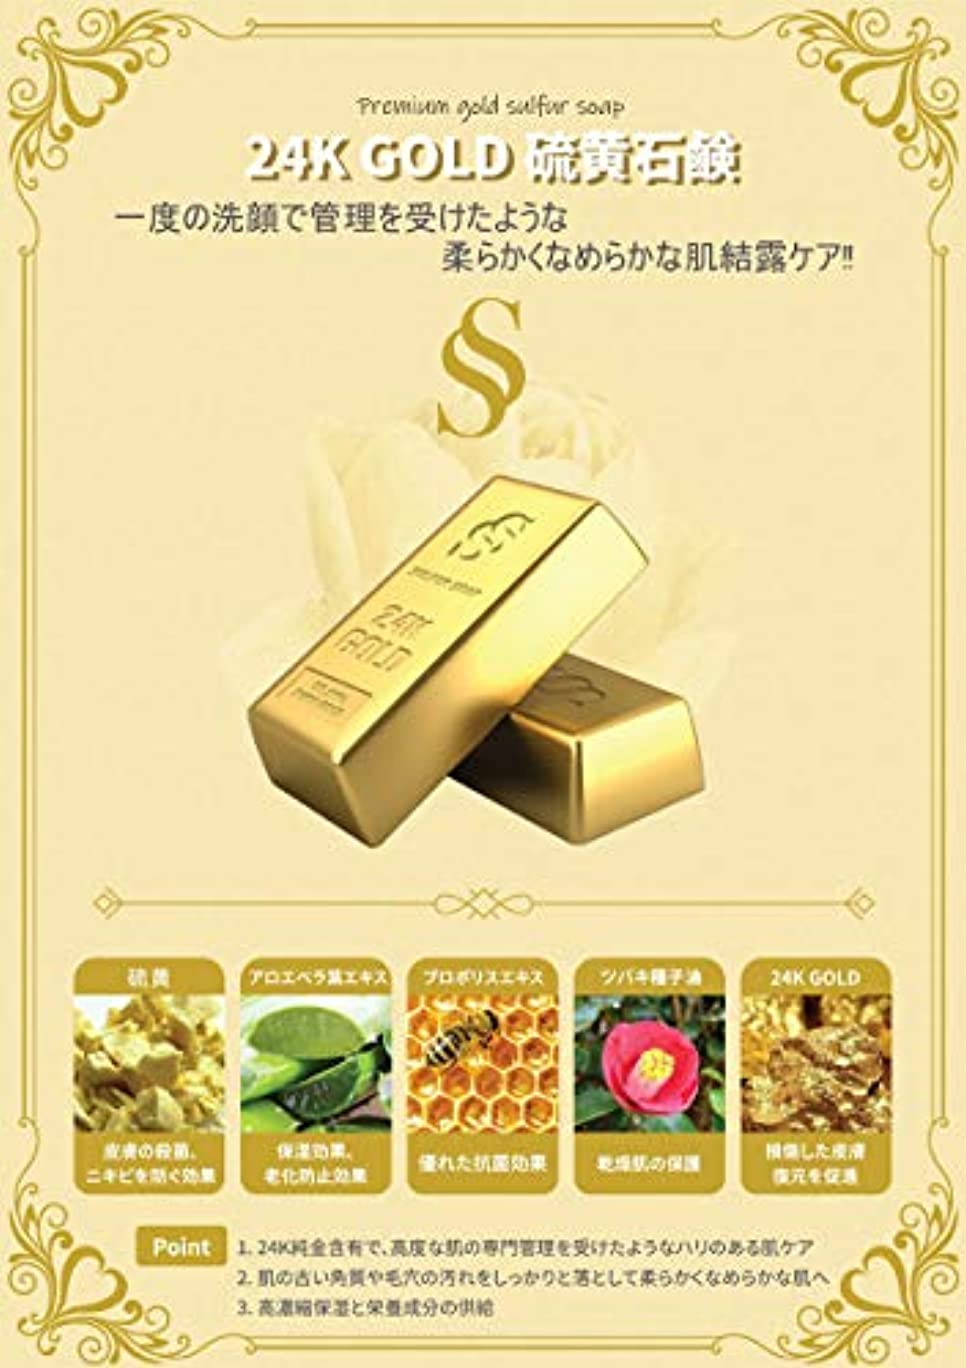 魅力的石炭避ける24Kゴールドバー 石鹸 植物性硫黄/24K SAKURA